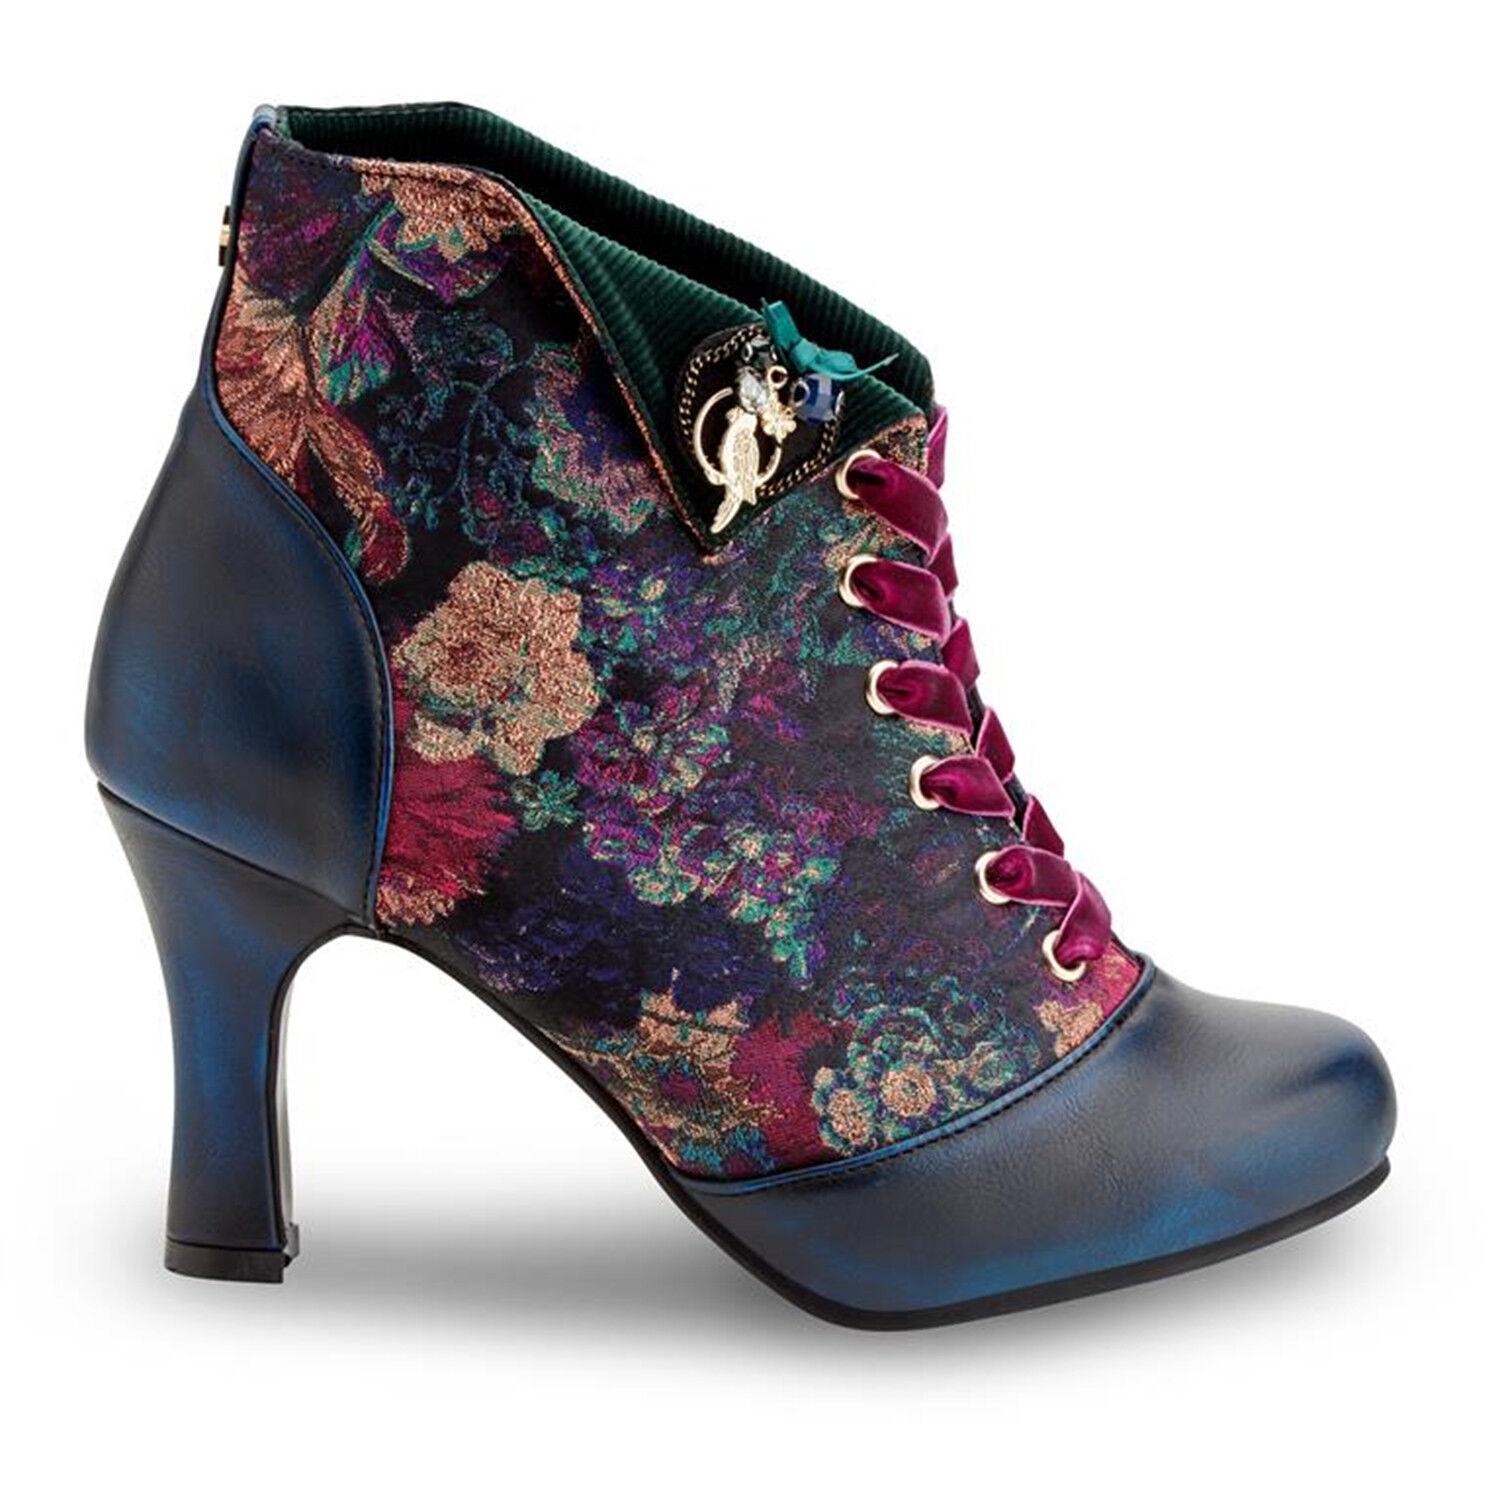 Joe brauns Raven Navy Blau Blau Blau Floral Steampunk Vintage Victorian Ankle Stiefel LARP  große Auswahl und schnelle Lieferung